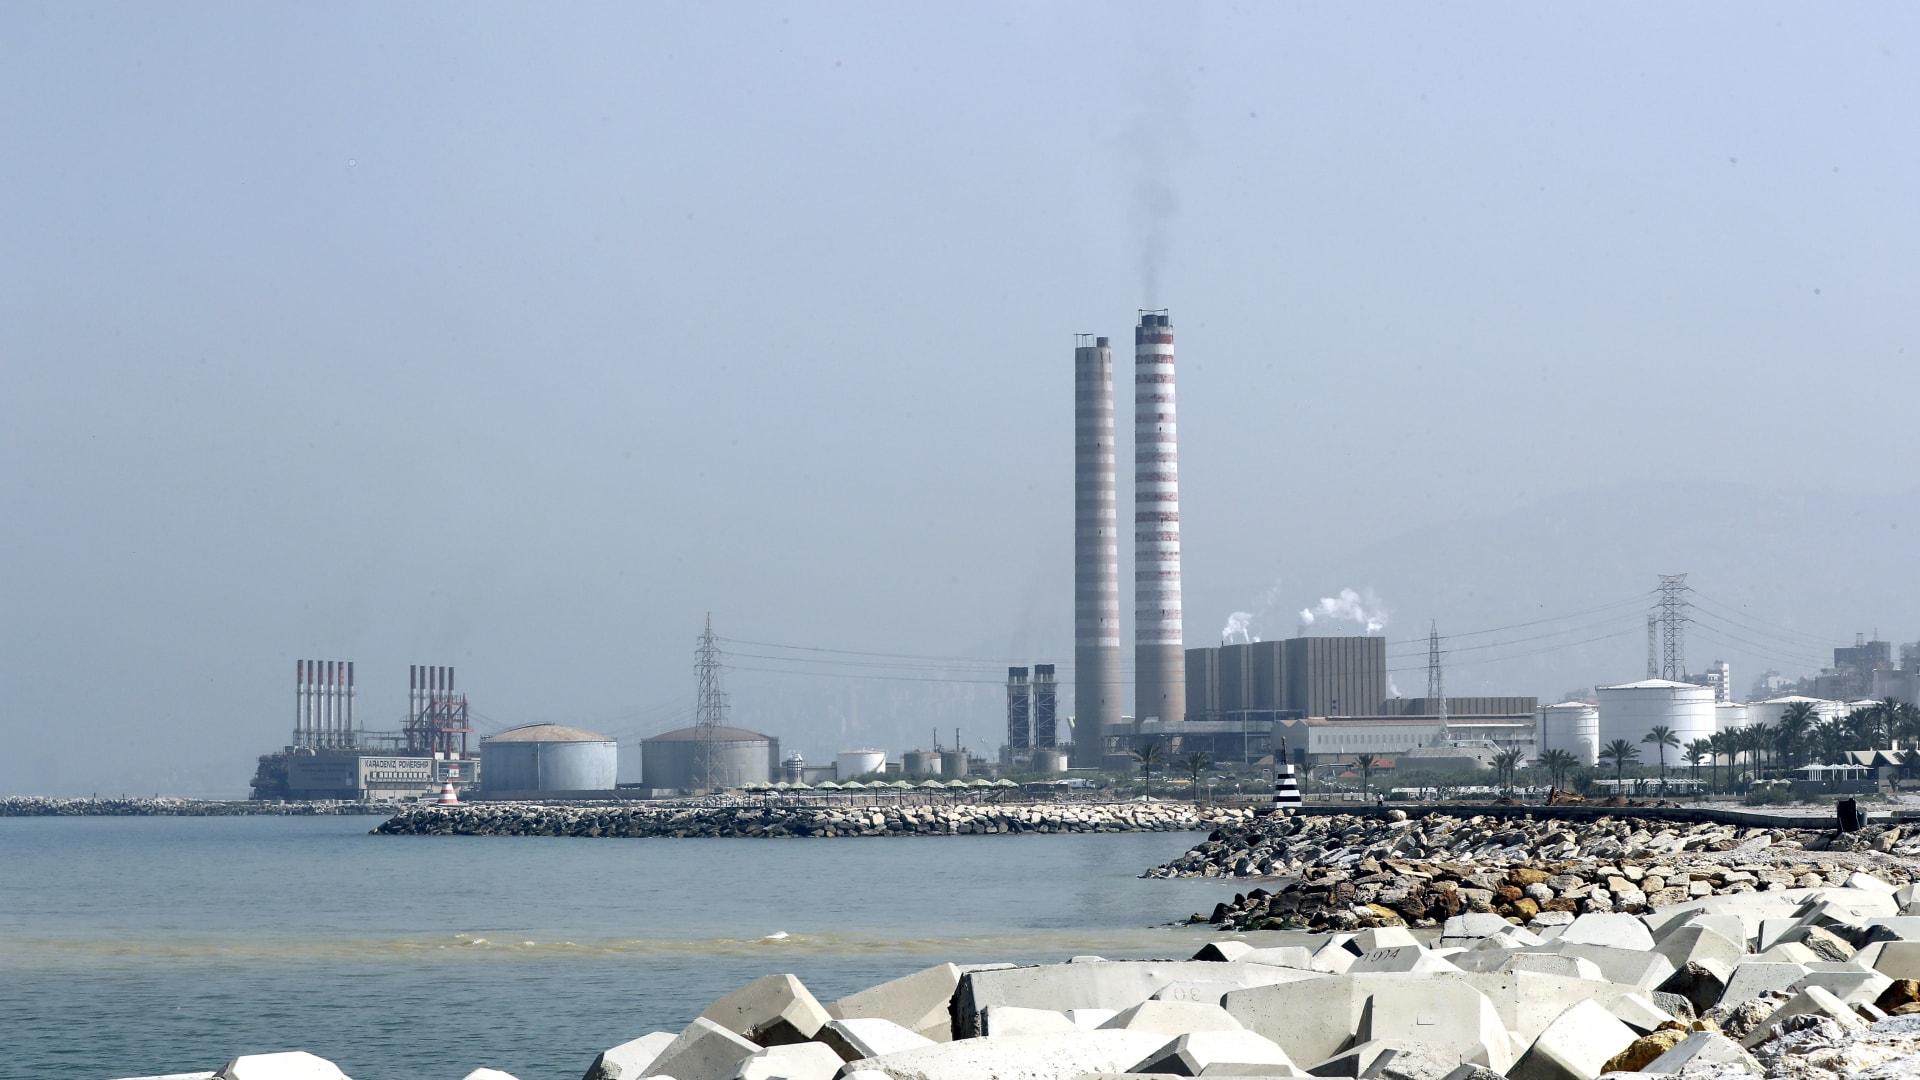 شوهدت محطة الطاقة التركية العائمة كارادينيز فاتماجول (يسار) بجوار محطة كهرباء شمال العاصمة بيروت، في 9 أبريل 2019.